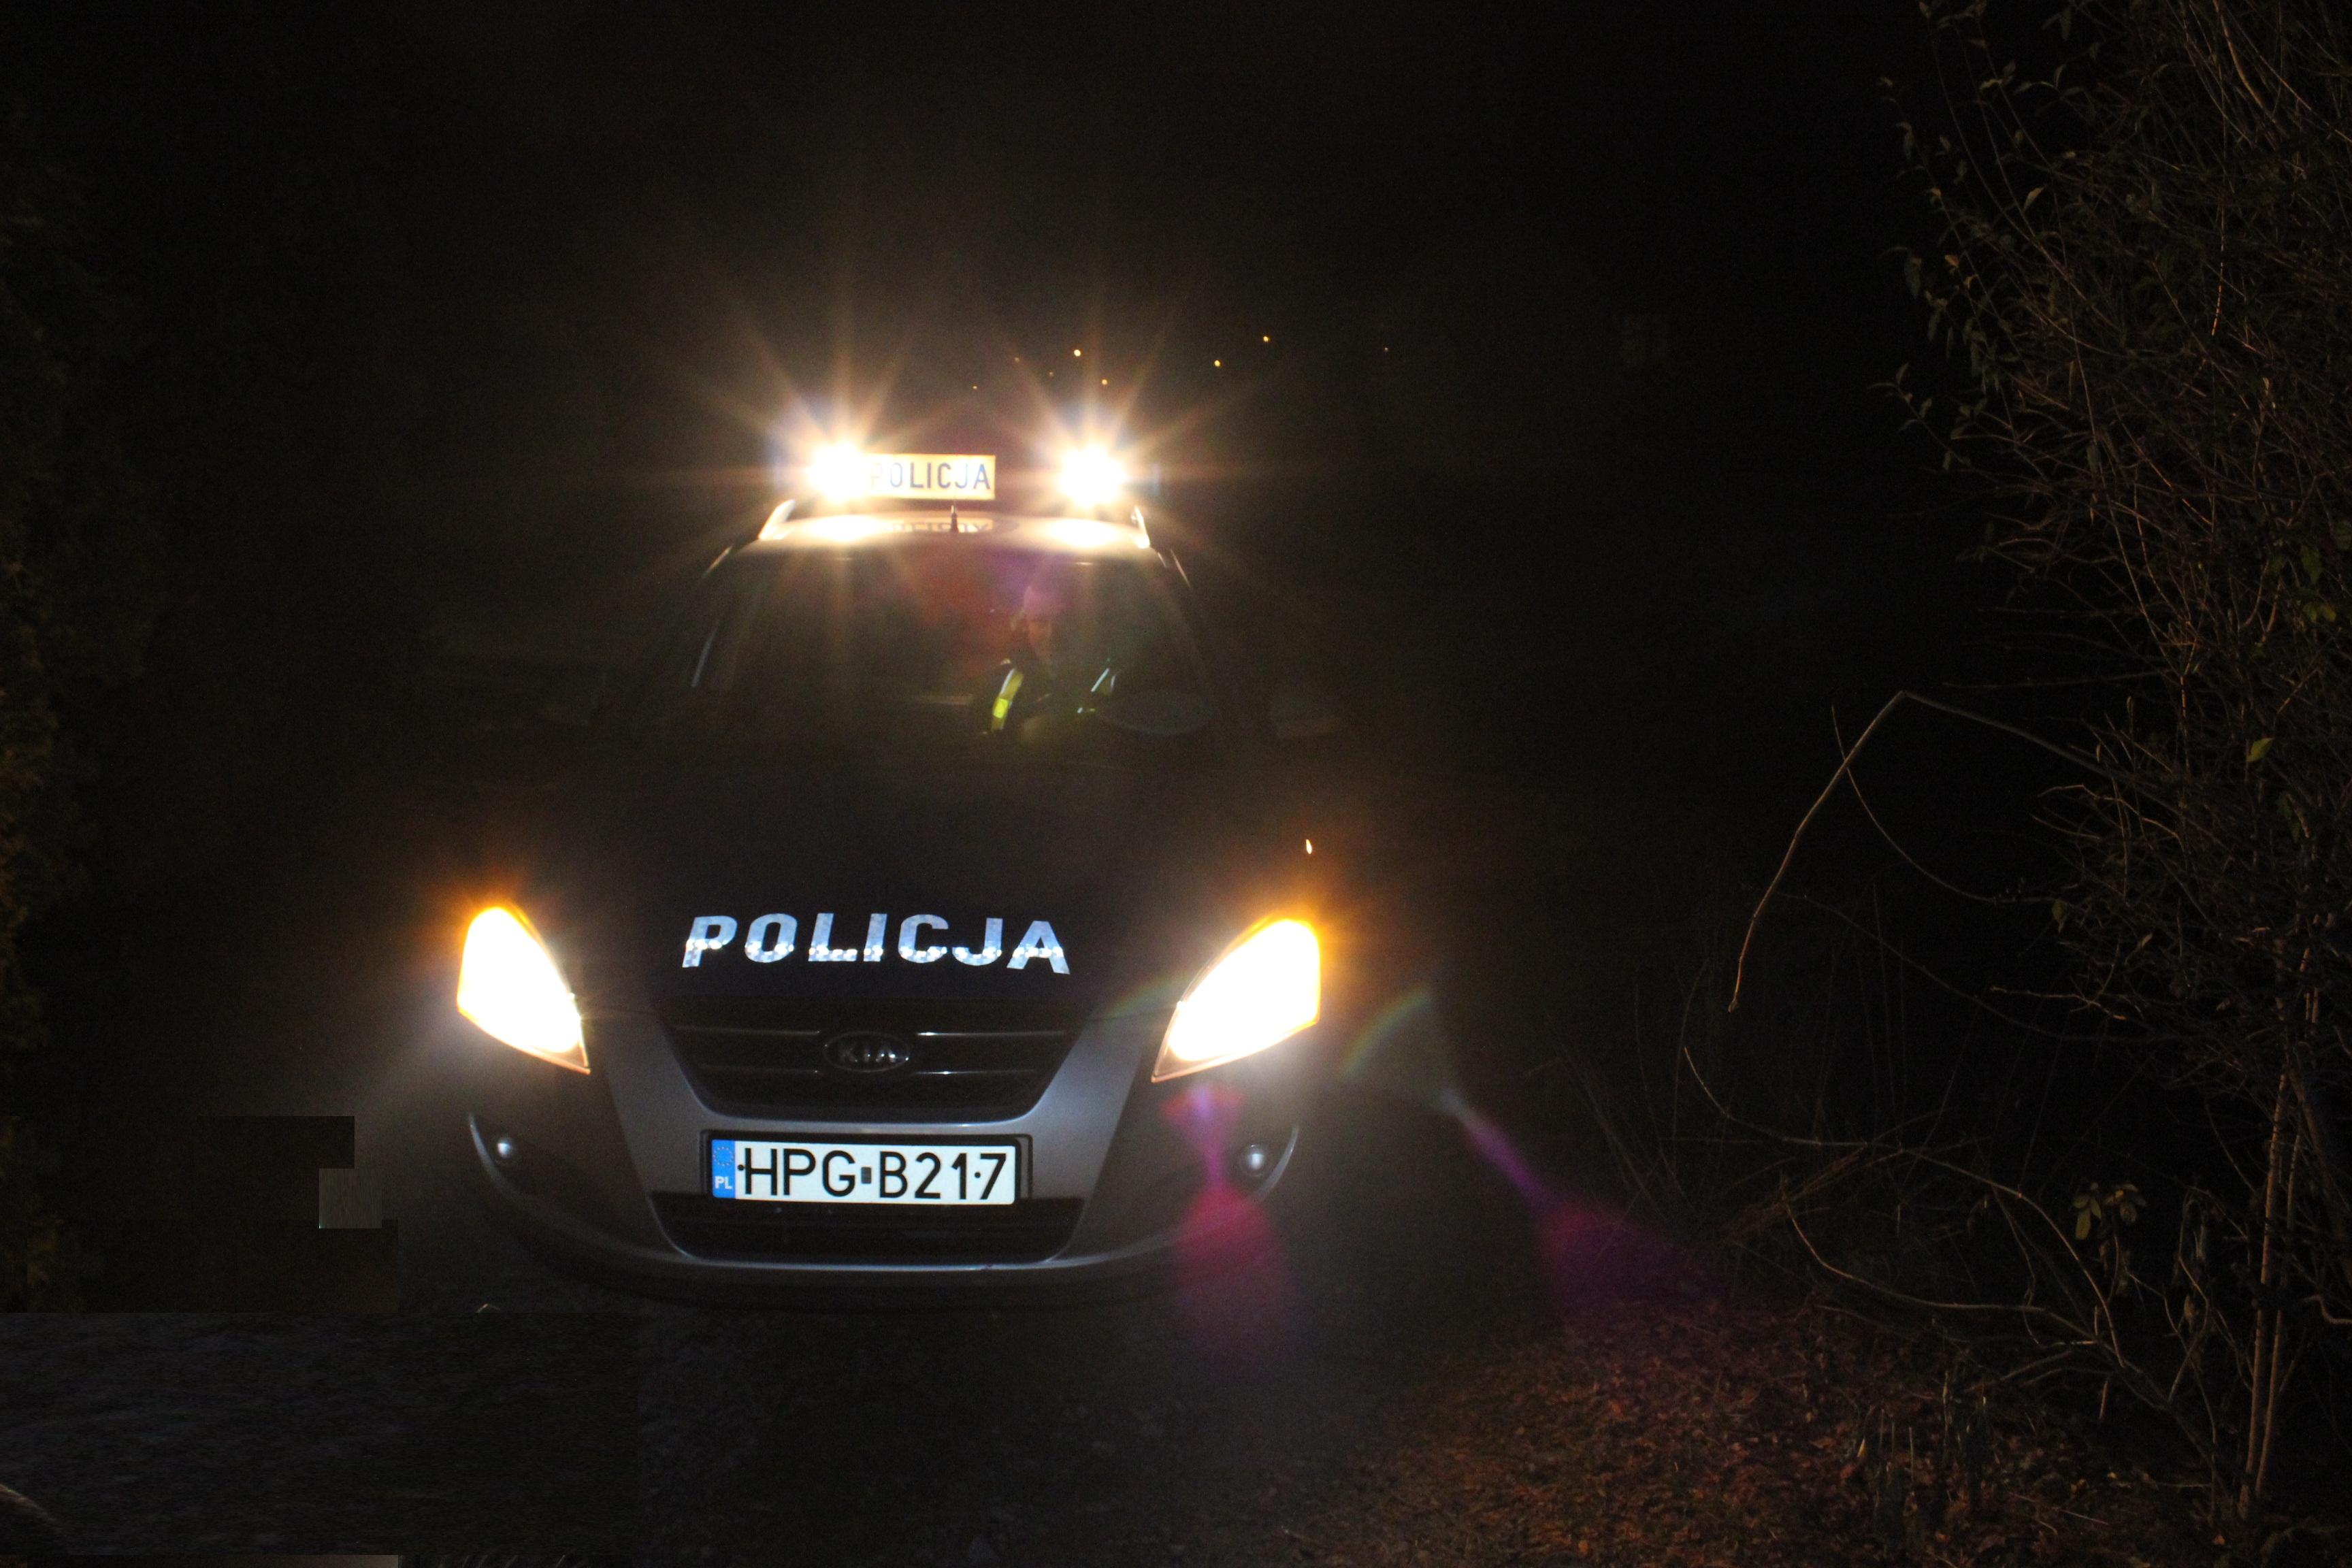 Ujęli nietrzeźwego kierowcę i przekazali go policjantom